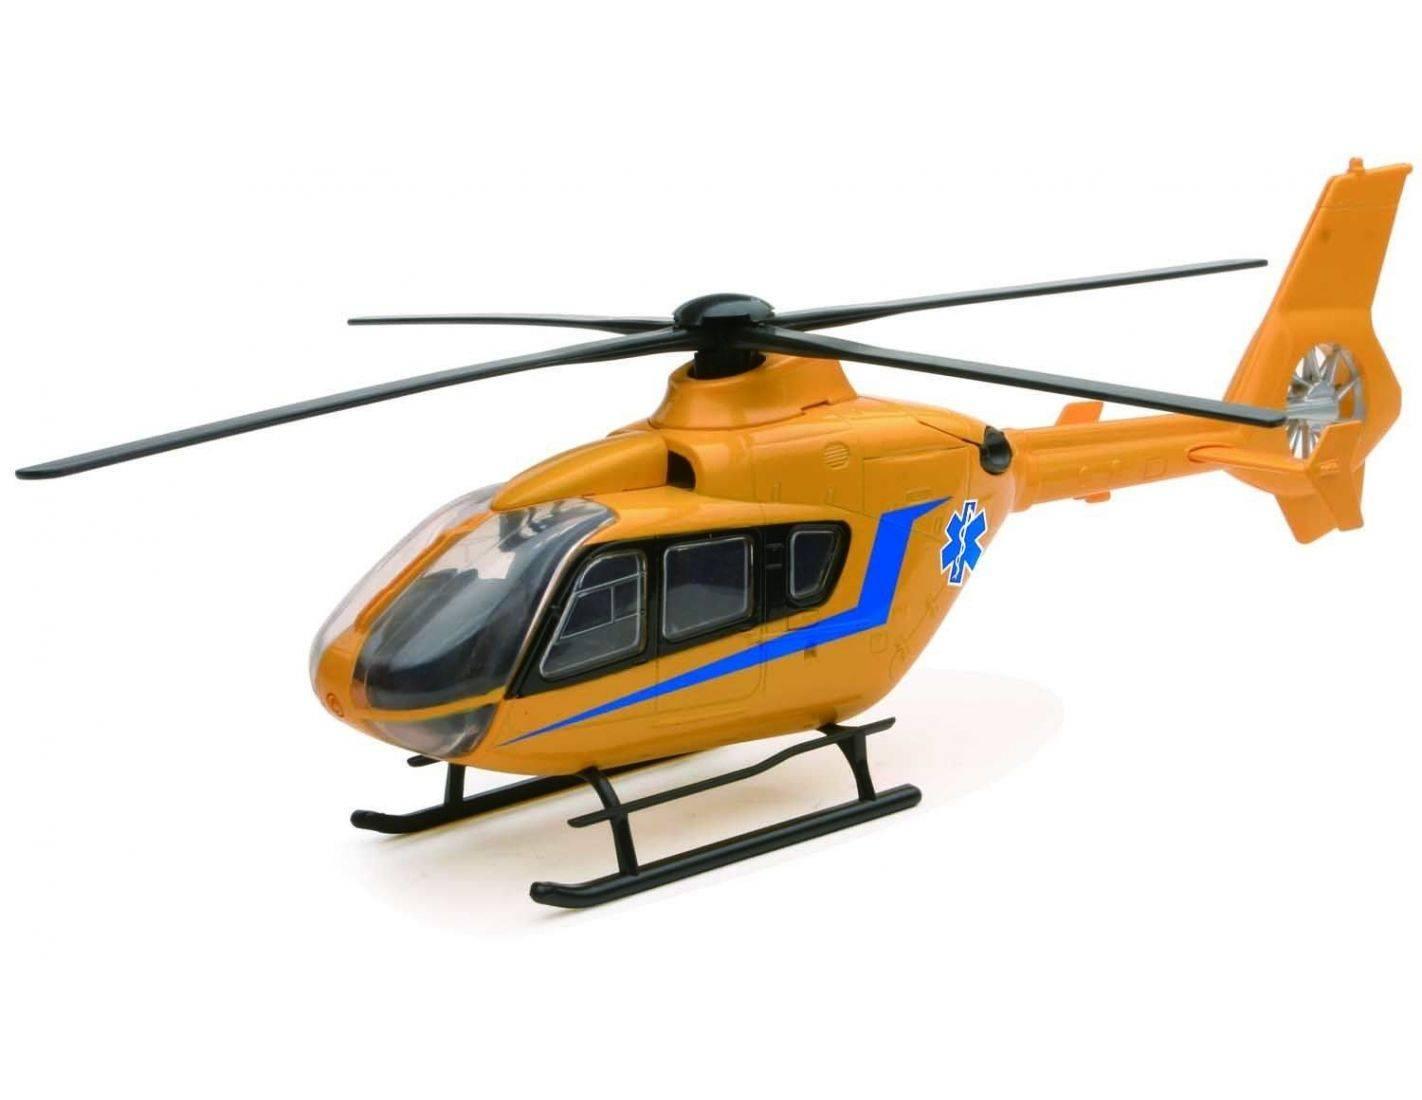 Elicottero 1 32 : New ray ny eurocopter ec elicottero farmaceutico